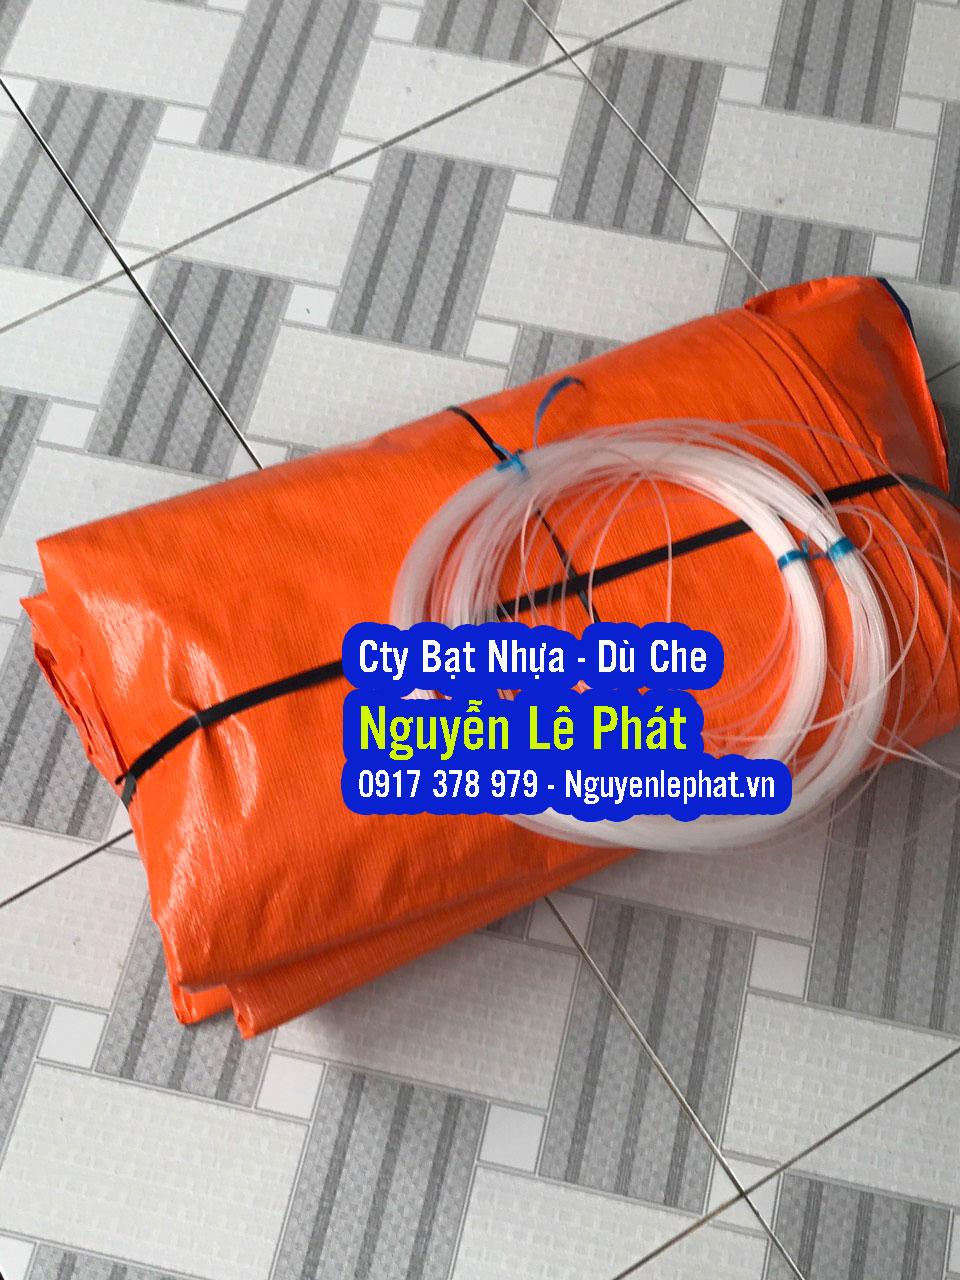 Chúng Tôi chuyên SX vải Bạt nhựa PE các khổ 2M, 4M, 6M, 8M dài 50M hoặc ... Bạt xanh cam là loại bạt chất lượng cao che phủ hàng hóa Quý khách có th . ... Quy cách ; khổ 2m,4m,6m độ dày đặt theo mẫu